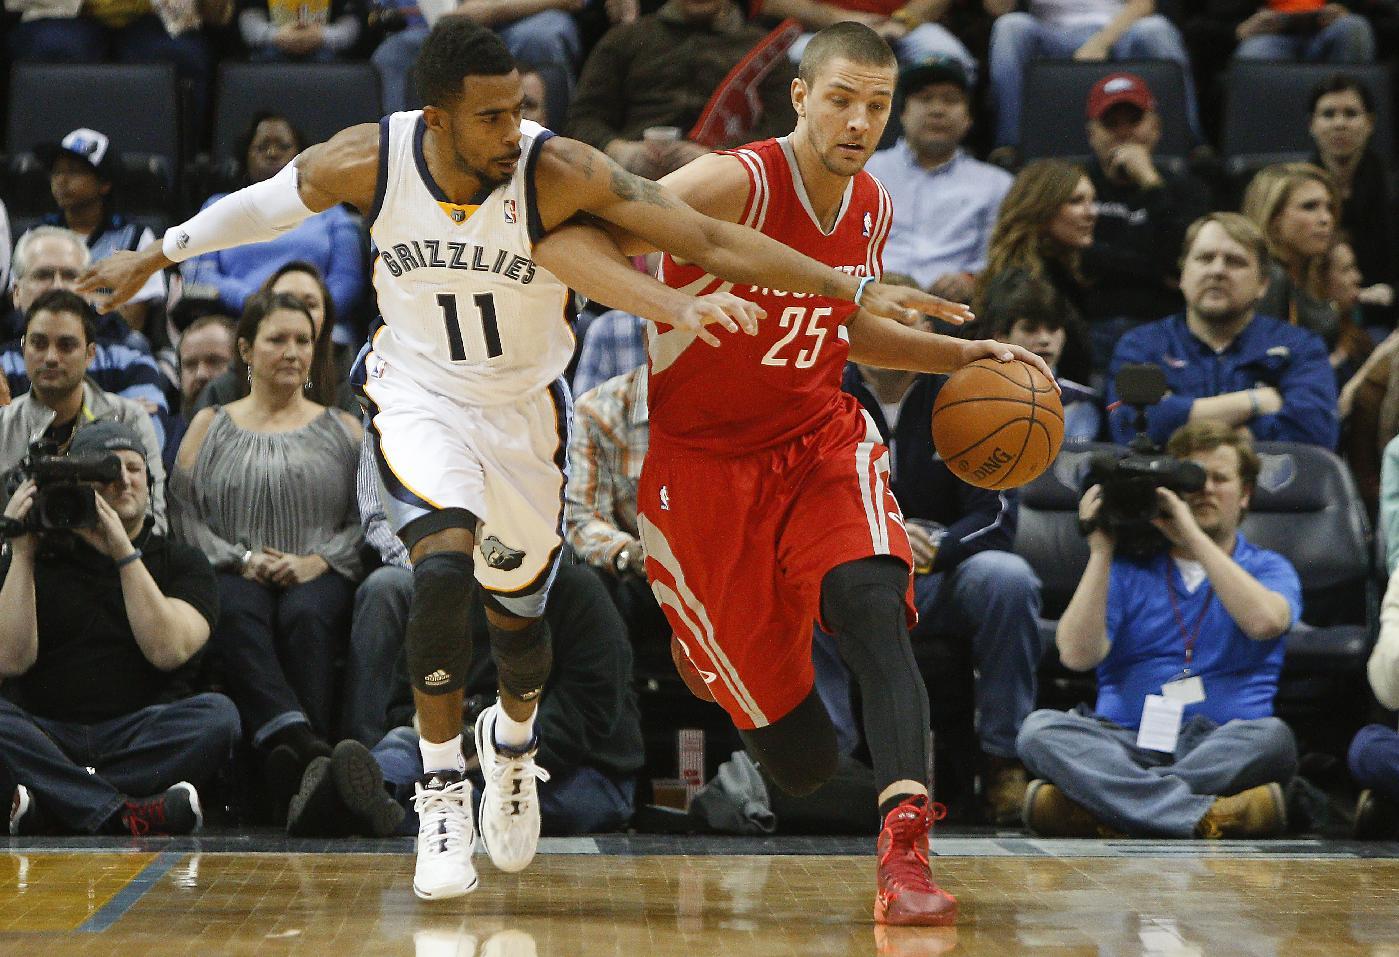 Conley, Randolph lead Grizzlies past Rockets 99-81